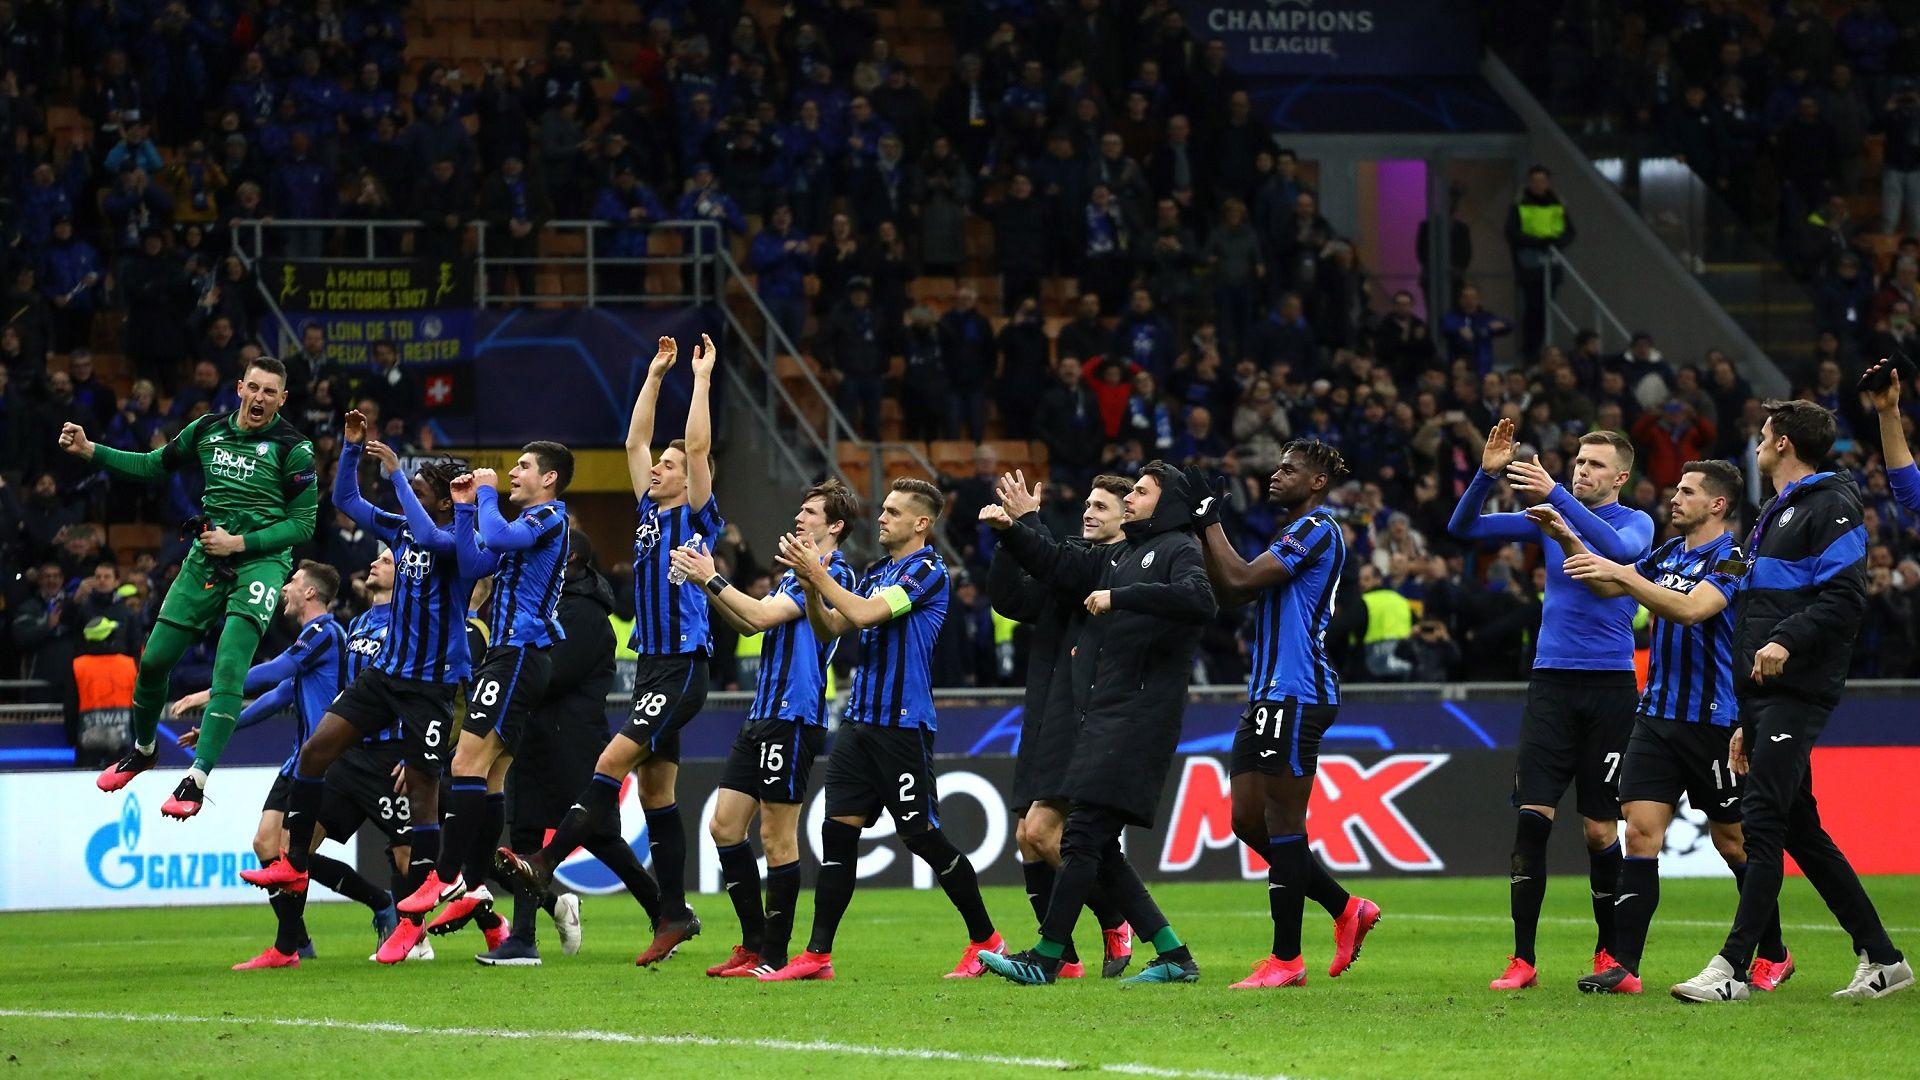 Вече всички са убедени, че мач от Шампионска лига отключи Ада в Бергамо